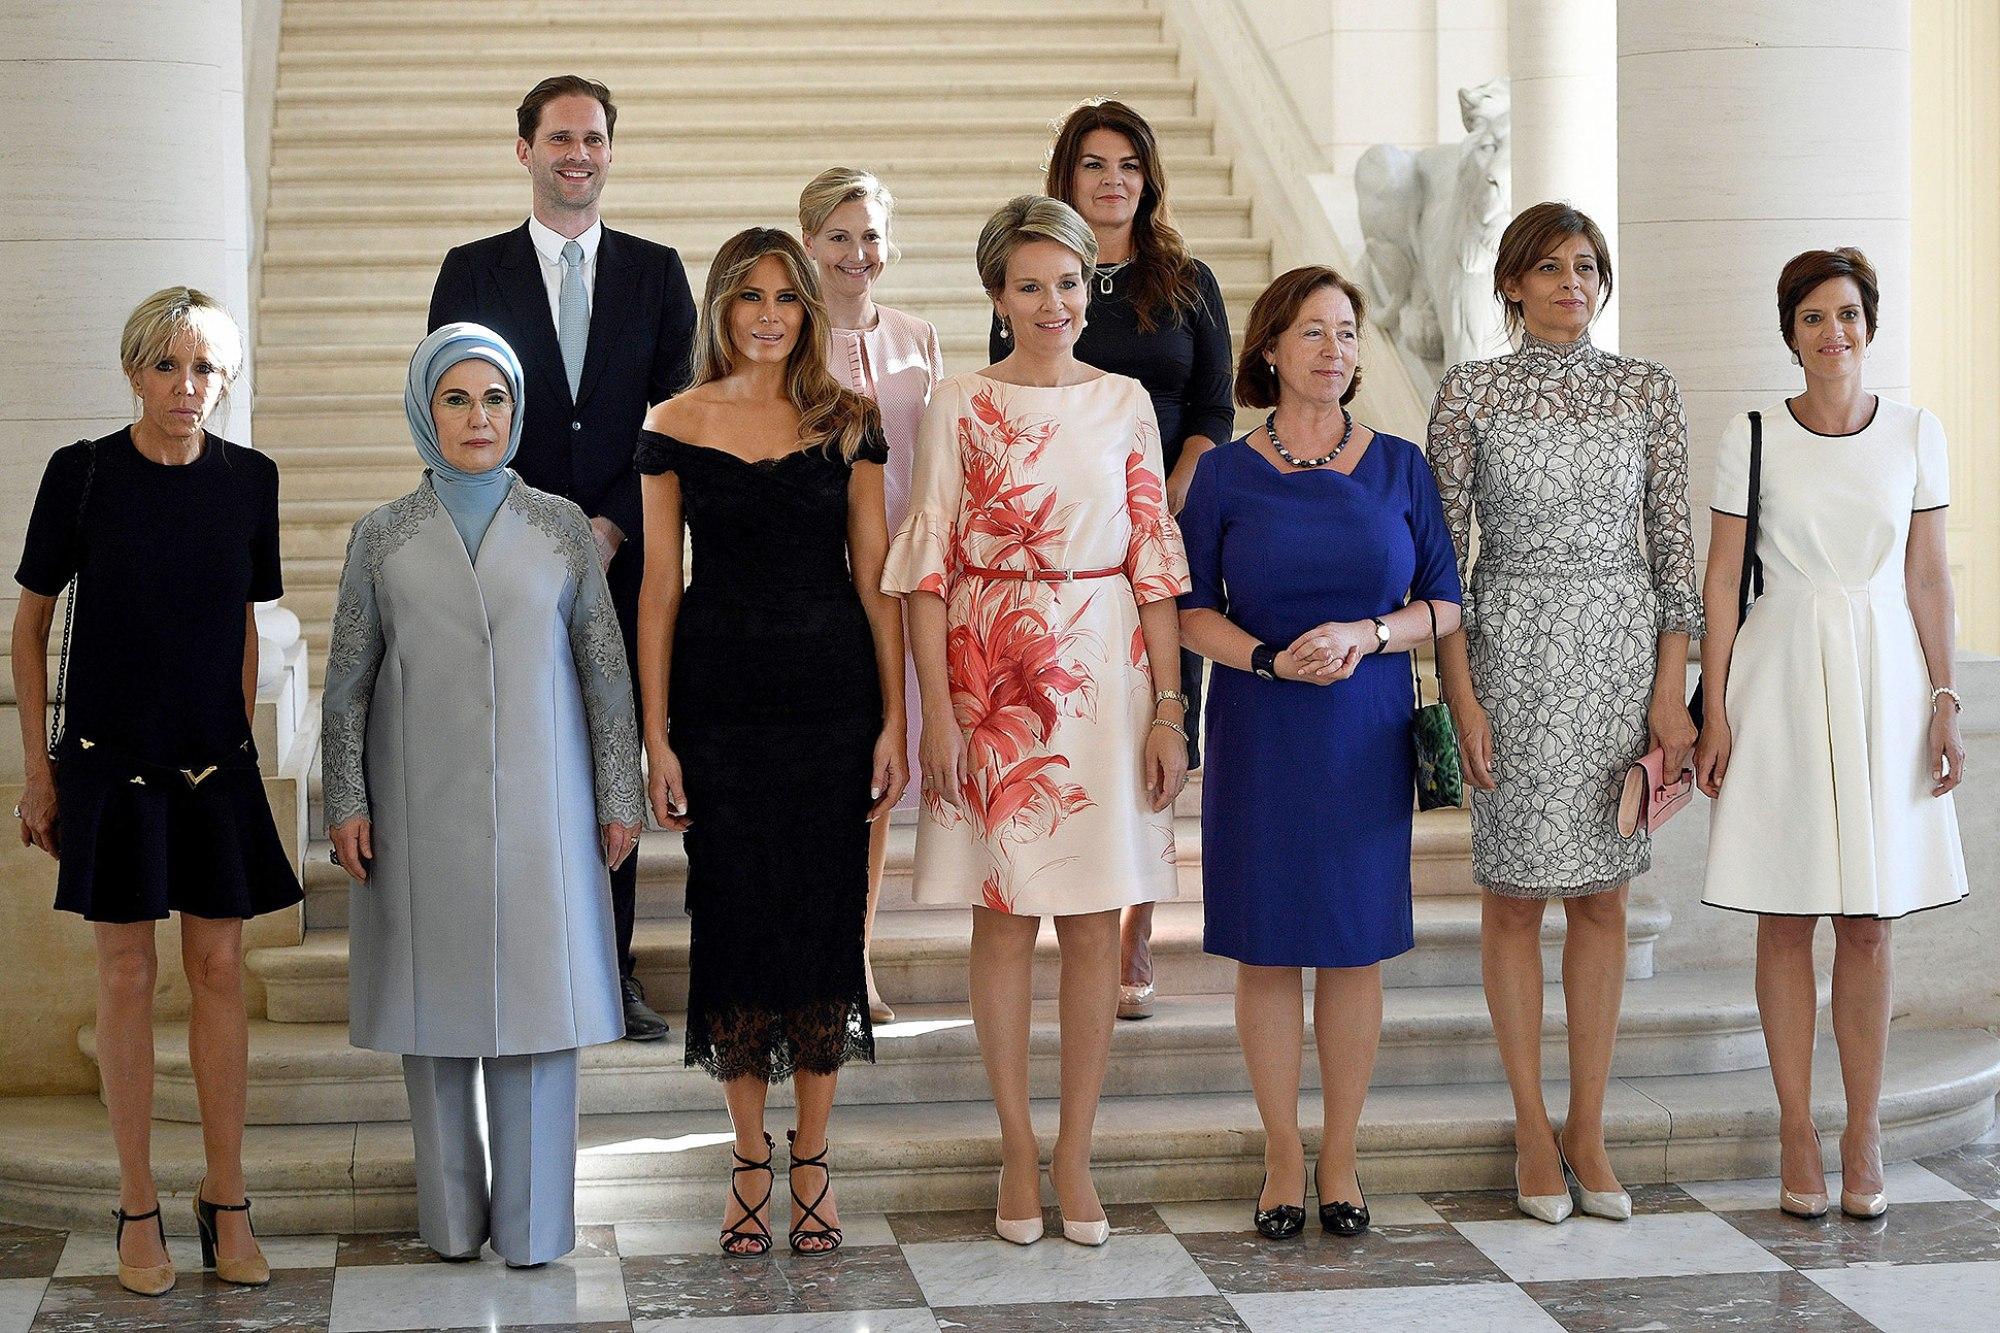 NATO Zirvesinin En Güzel Karesi! Eşcinsel Başbakanın Eşi Olması Gereken Yerde!